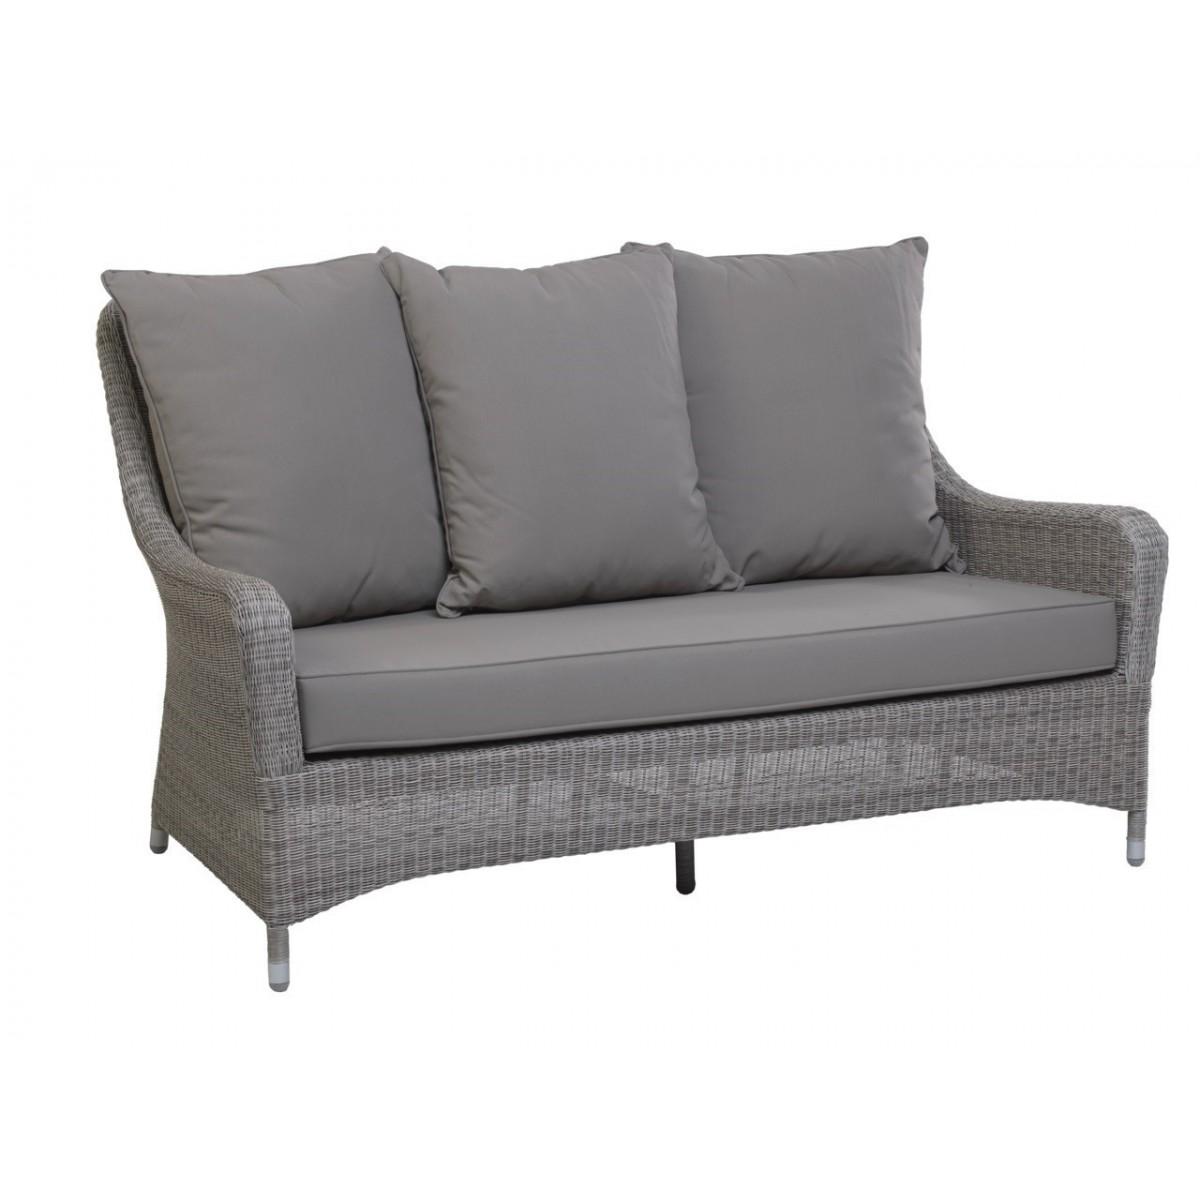 Canapé Transat Résine Gris